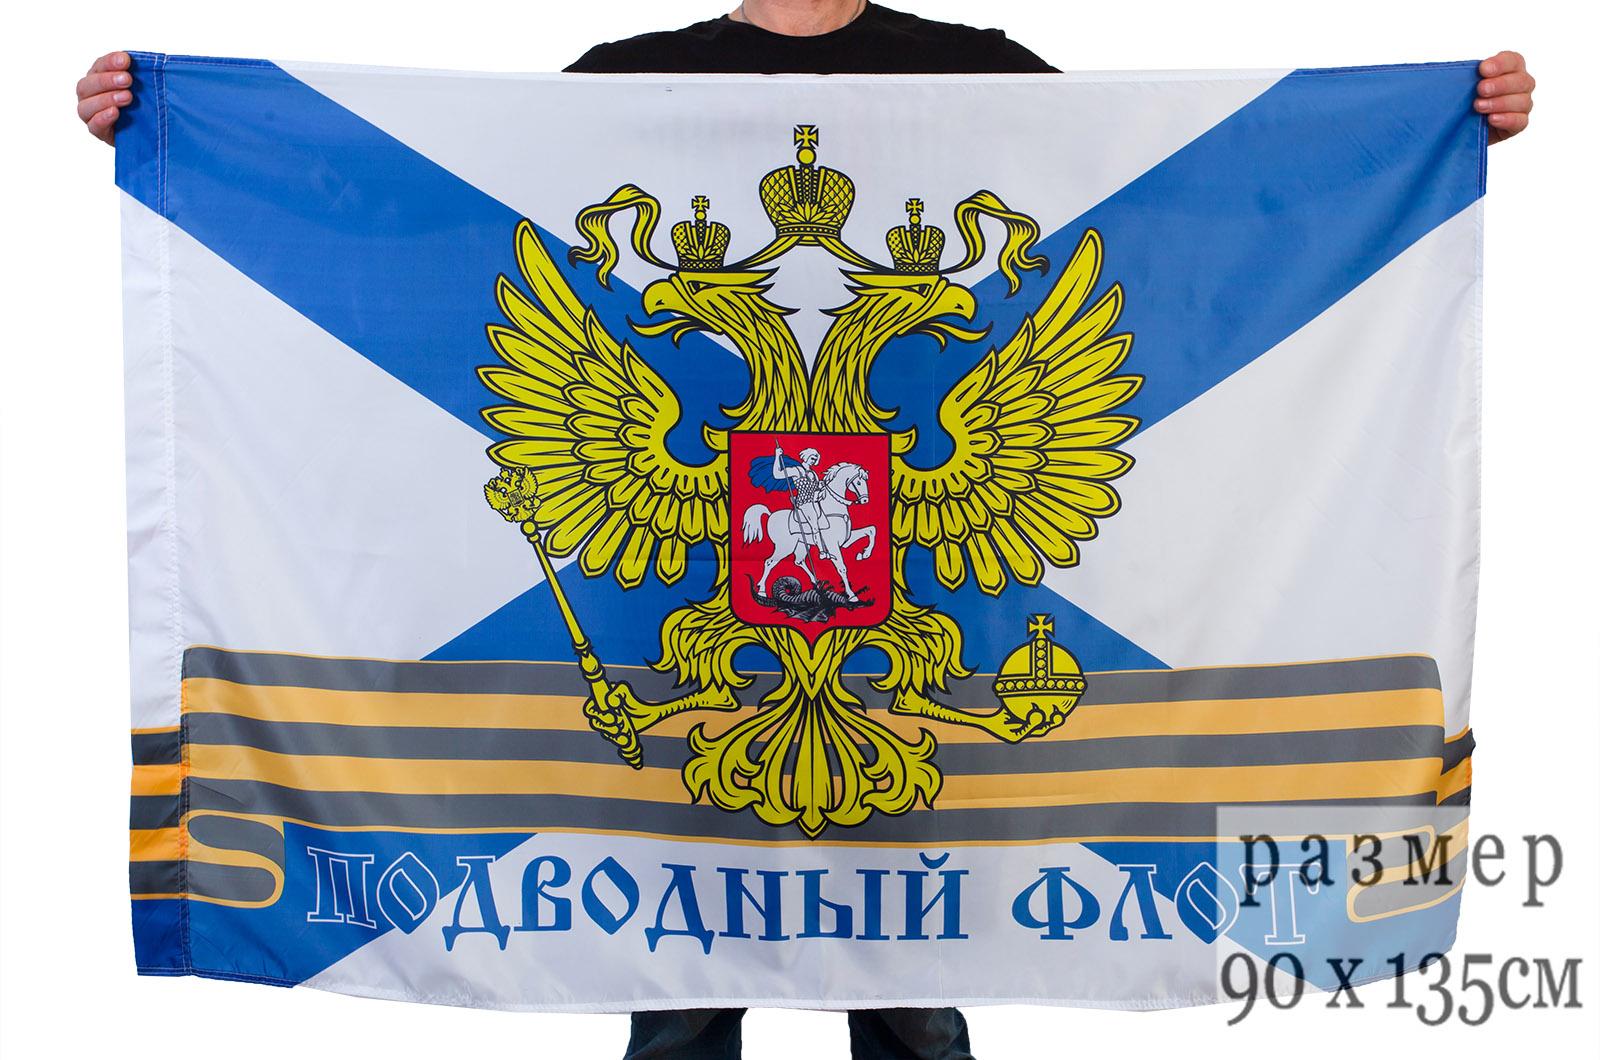 Купить флаг подводного флота России